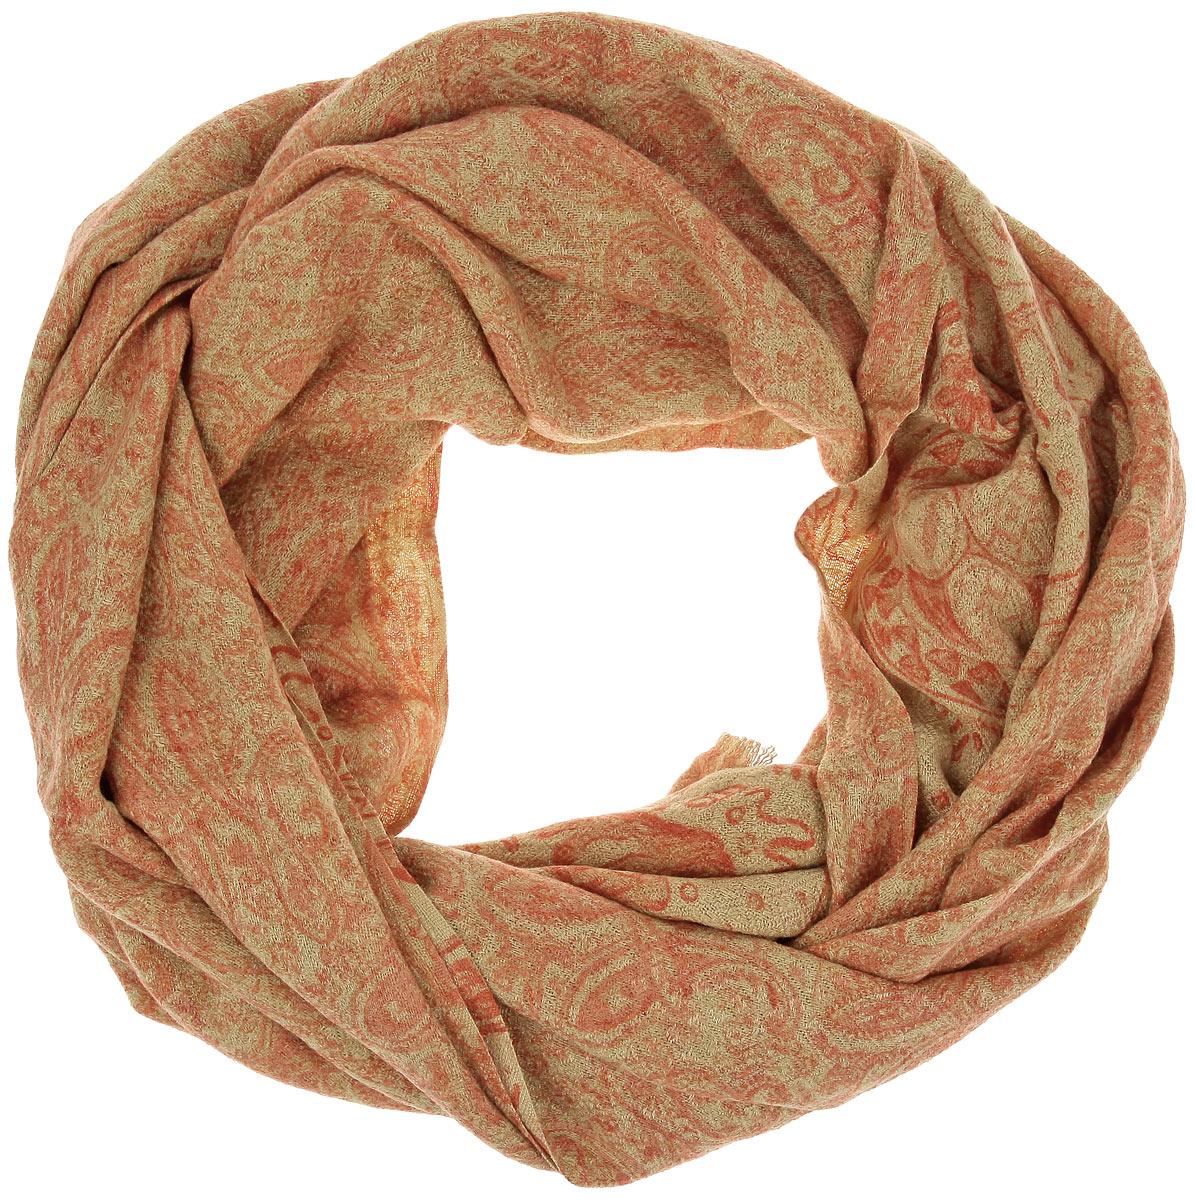 Палантин Sophie Ramage, цвет: песочный, оранжевый. AJ-21401-22. Размер 70 см х 200 смAJ-21401-22Палантин Sophie Ramage позволит вам создать неповторимый и запоминающийся образ. Благодаря своему составу, в который входит шерсть с добавлением шелка и кашемира, он теплый, мягкий и приятный на ощупь. Модель оформлена оригинальным принтом и украшена по краям бахромой.Такой аксессуар станет стильным дополнением к гардеробу современной женщины, стремящейся всегда оставаться яркой и элегантной.